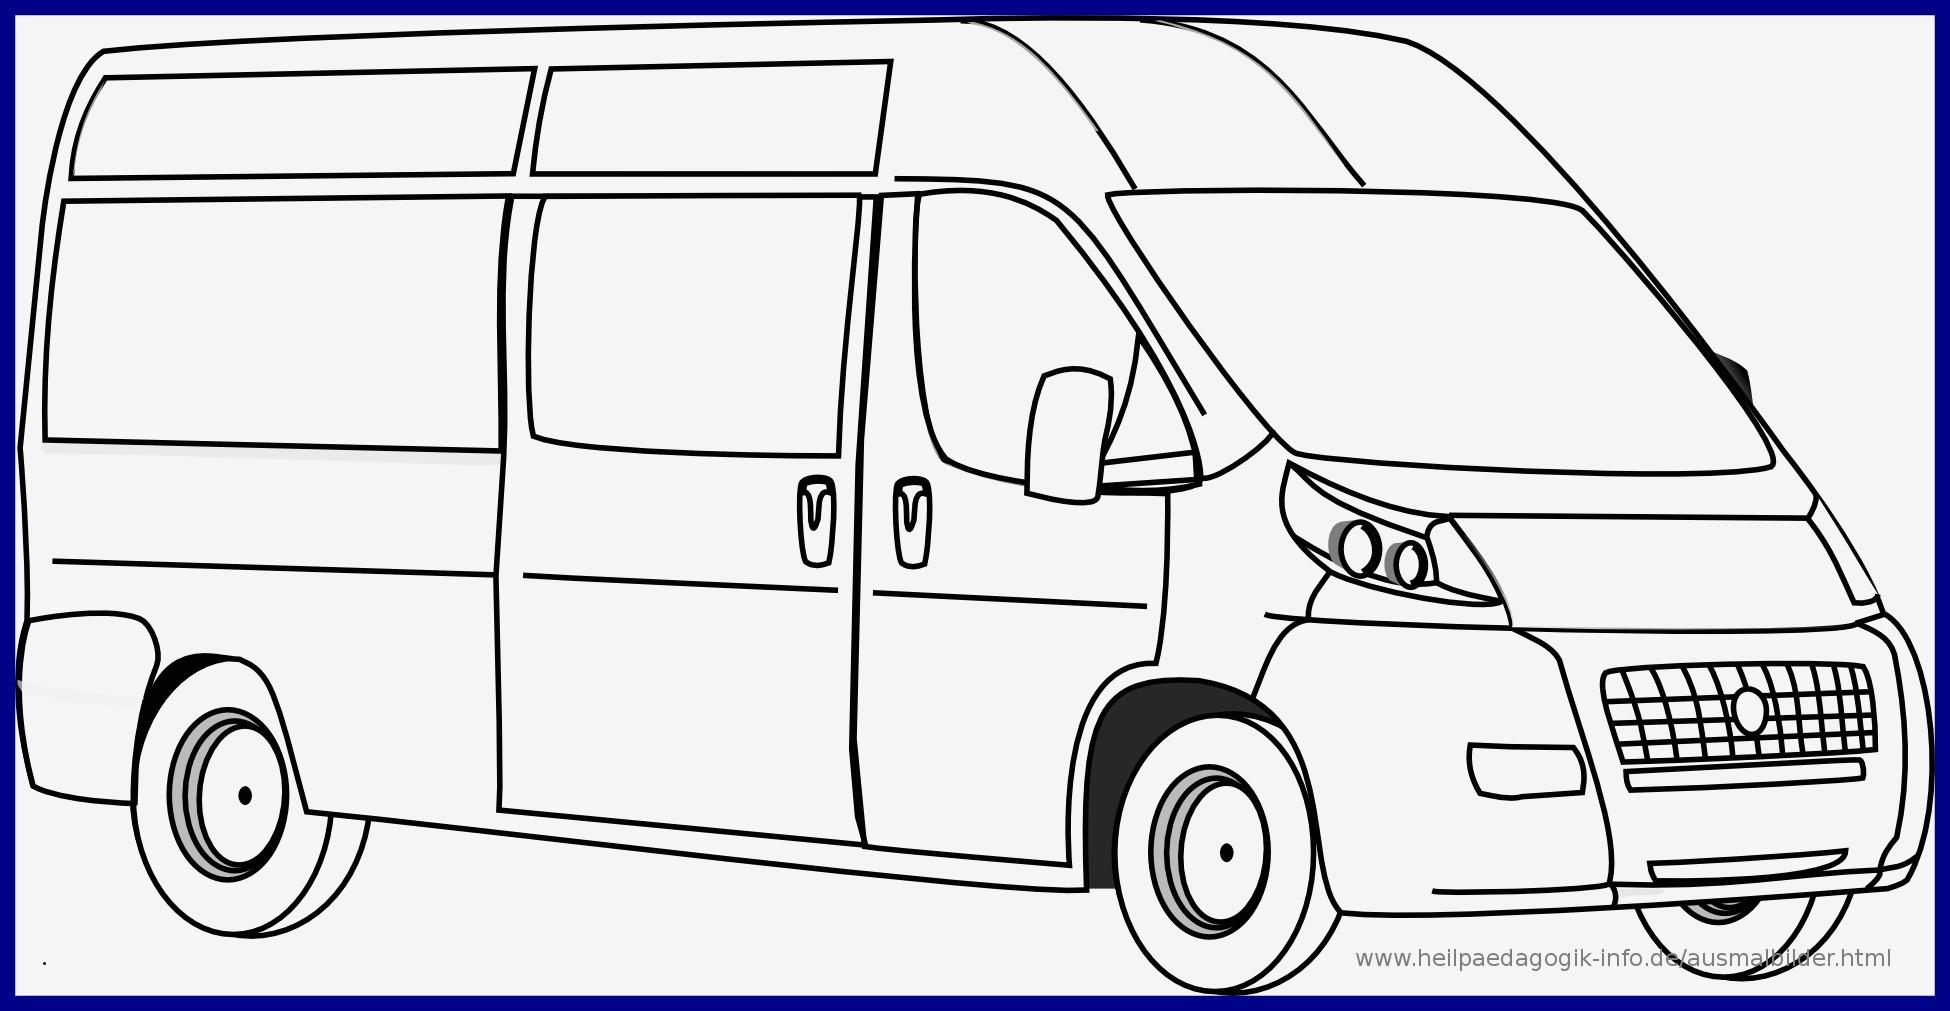 Ausmalbild Lightning Mcqueen Das Beste Von 52 Beispiel Cars Ausmalbilder Lightning Mcqueen Treehouse Nyc Bilder